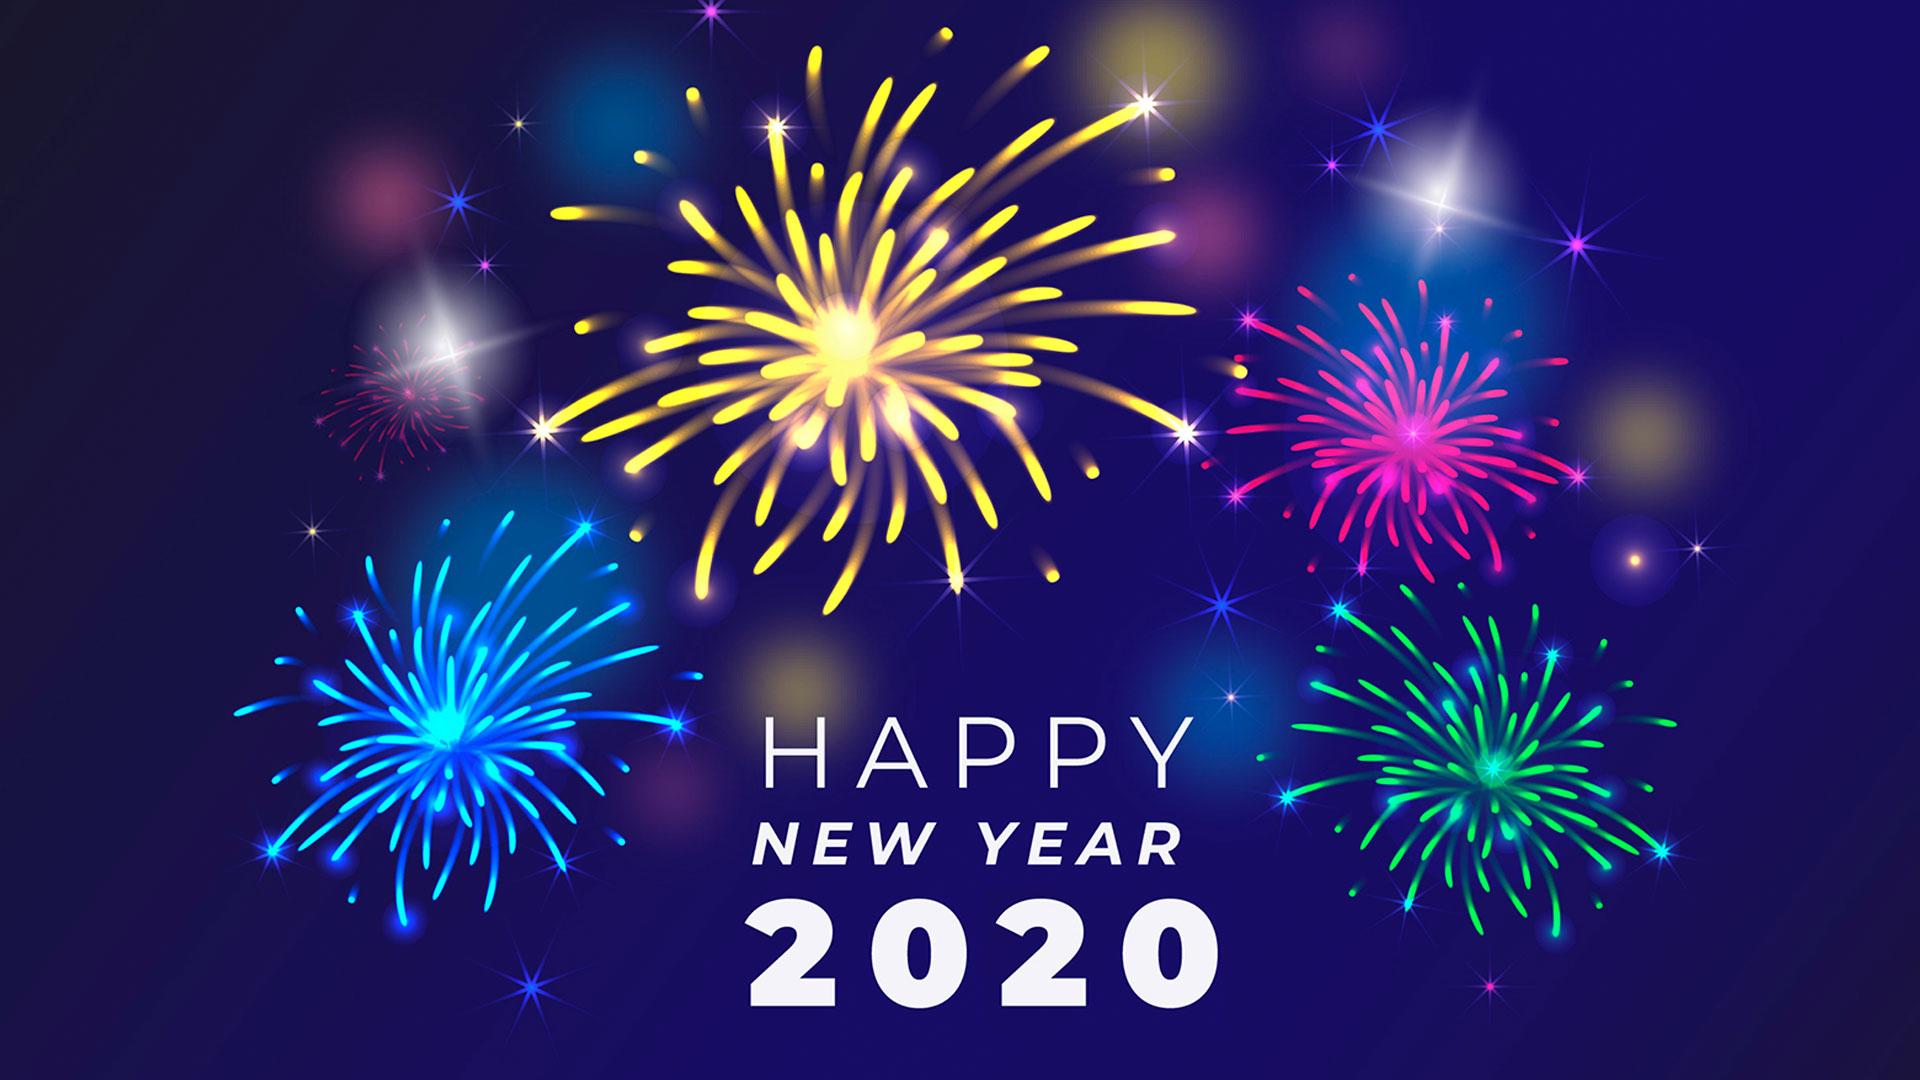 HD Wallpaper 2020: HD Images 2020